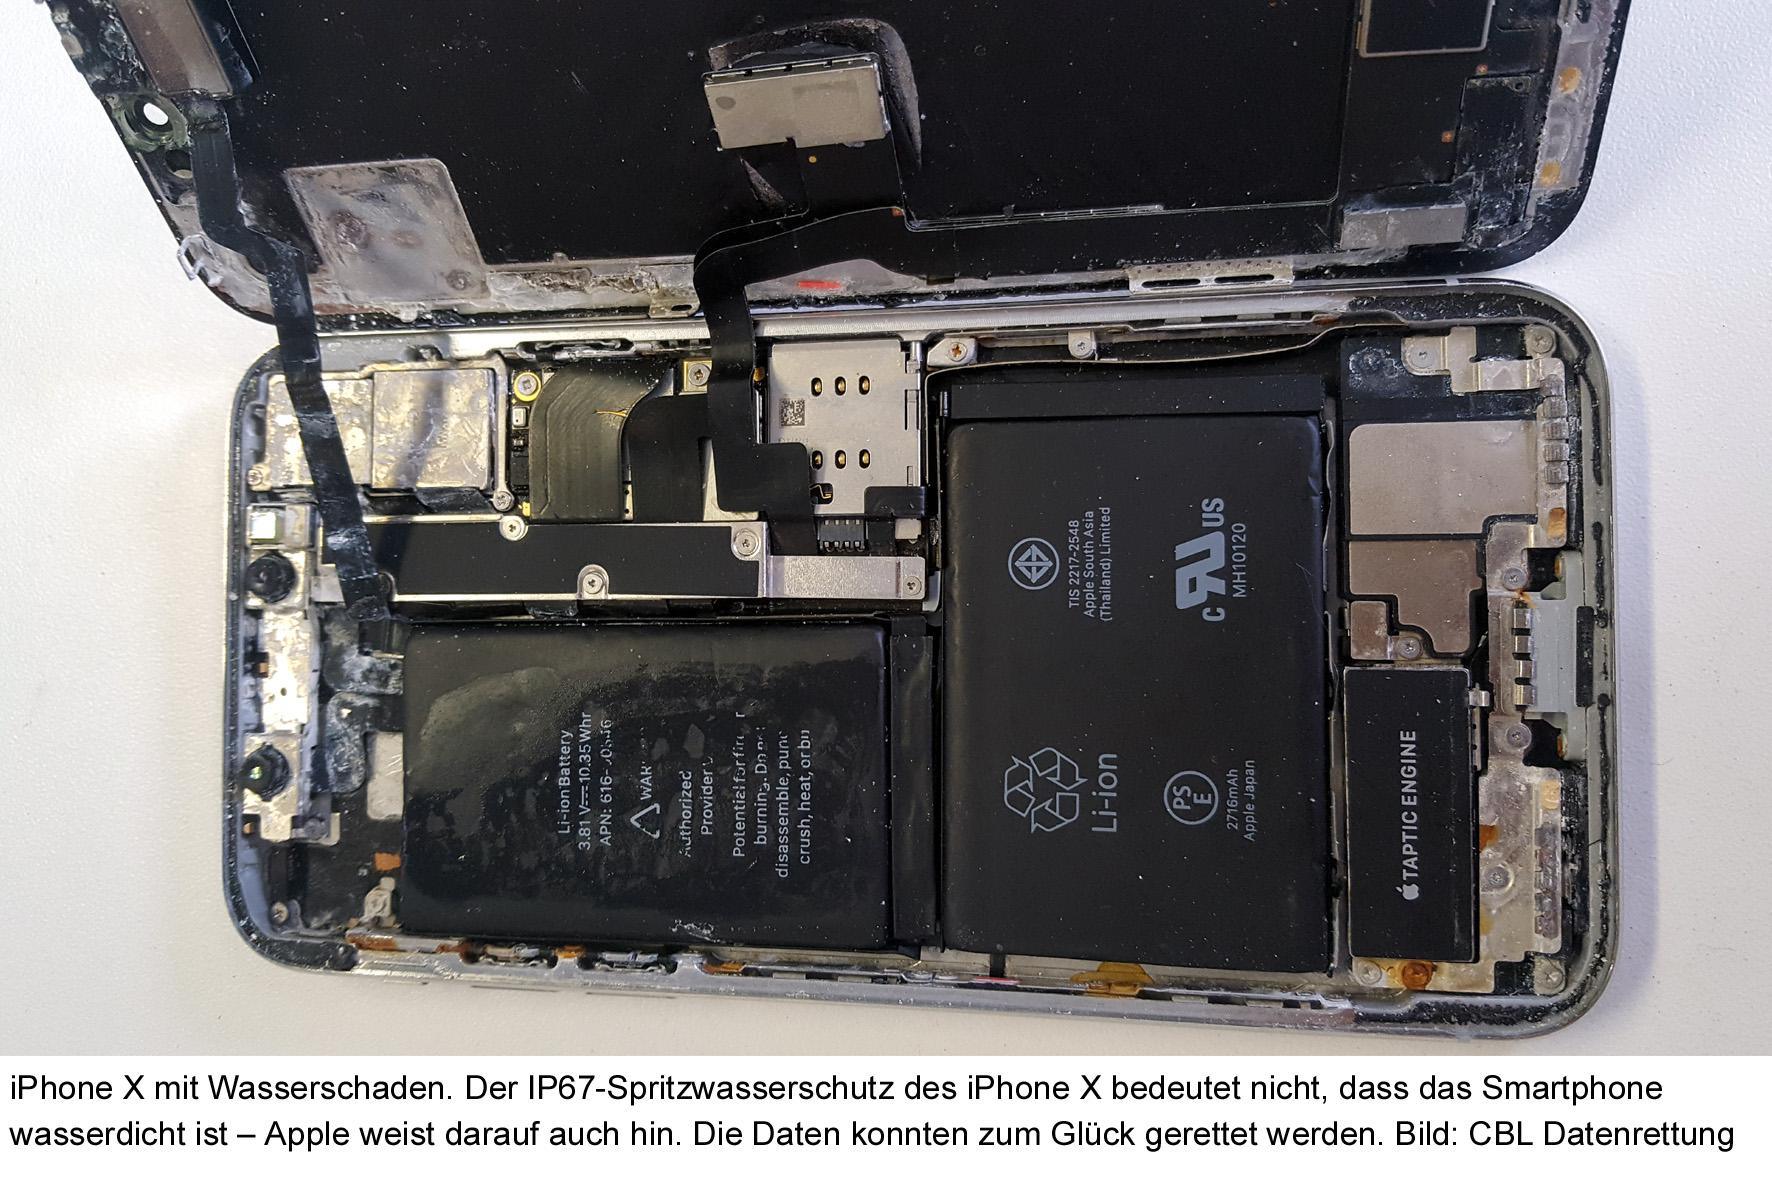 CBL-Datenrettung-iPhoneX-Wasserschaden